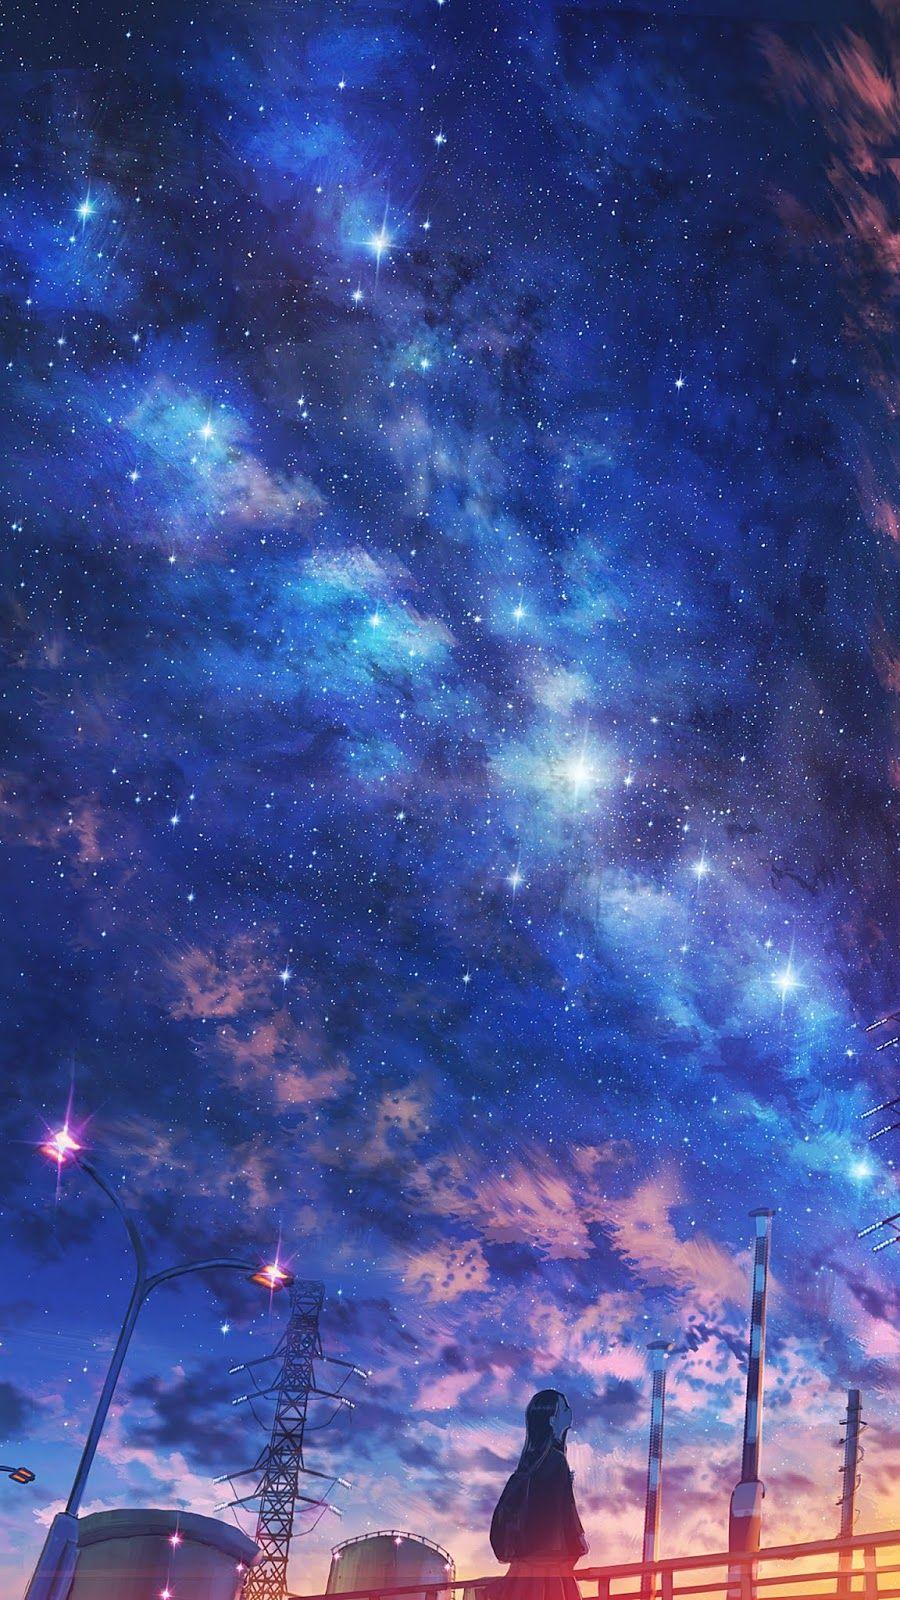 Under Night Sky In 2020 Anime Scenery Wallpaper Anime Scenery Sky Anime